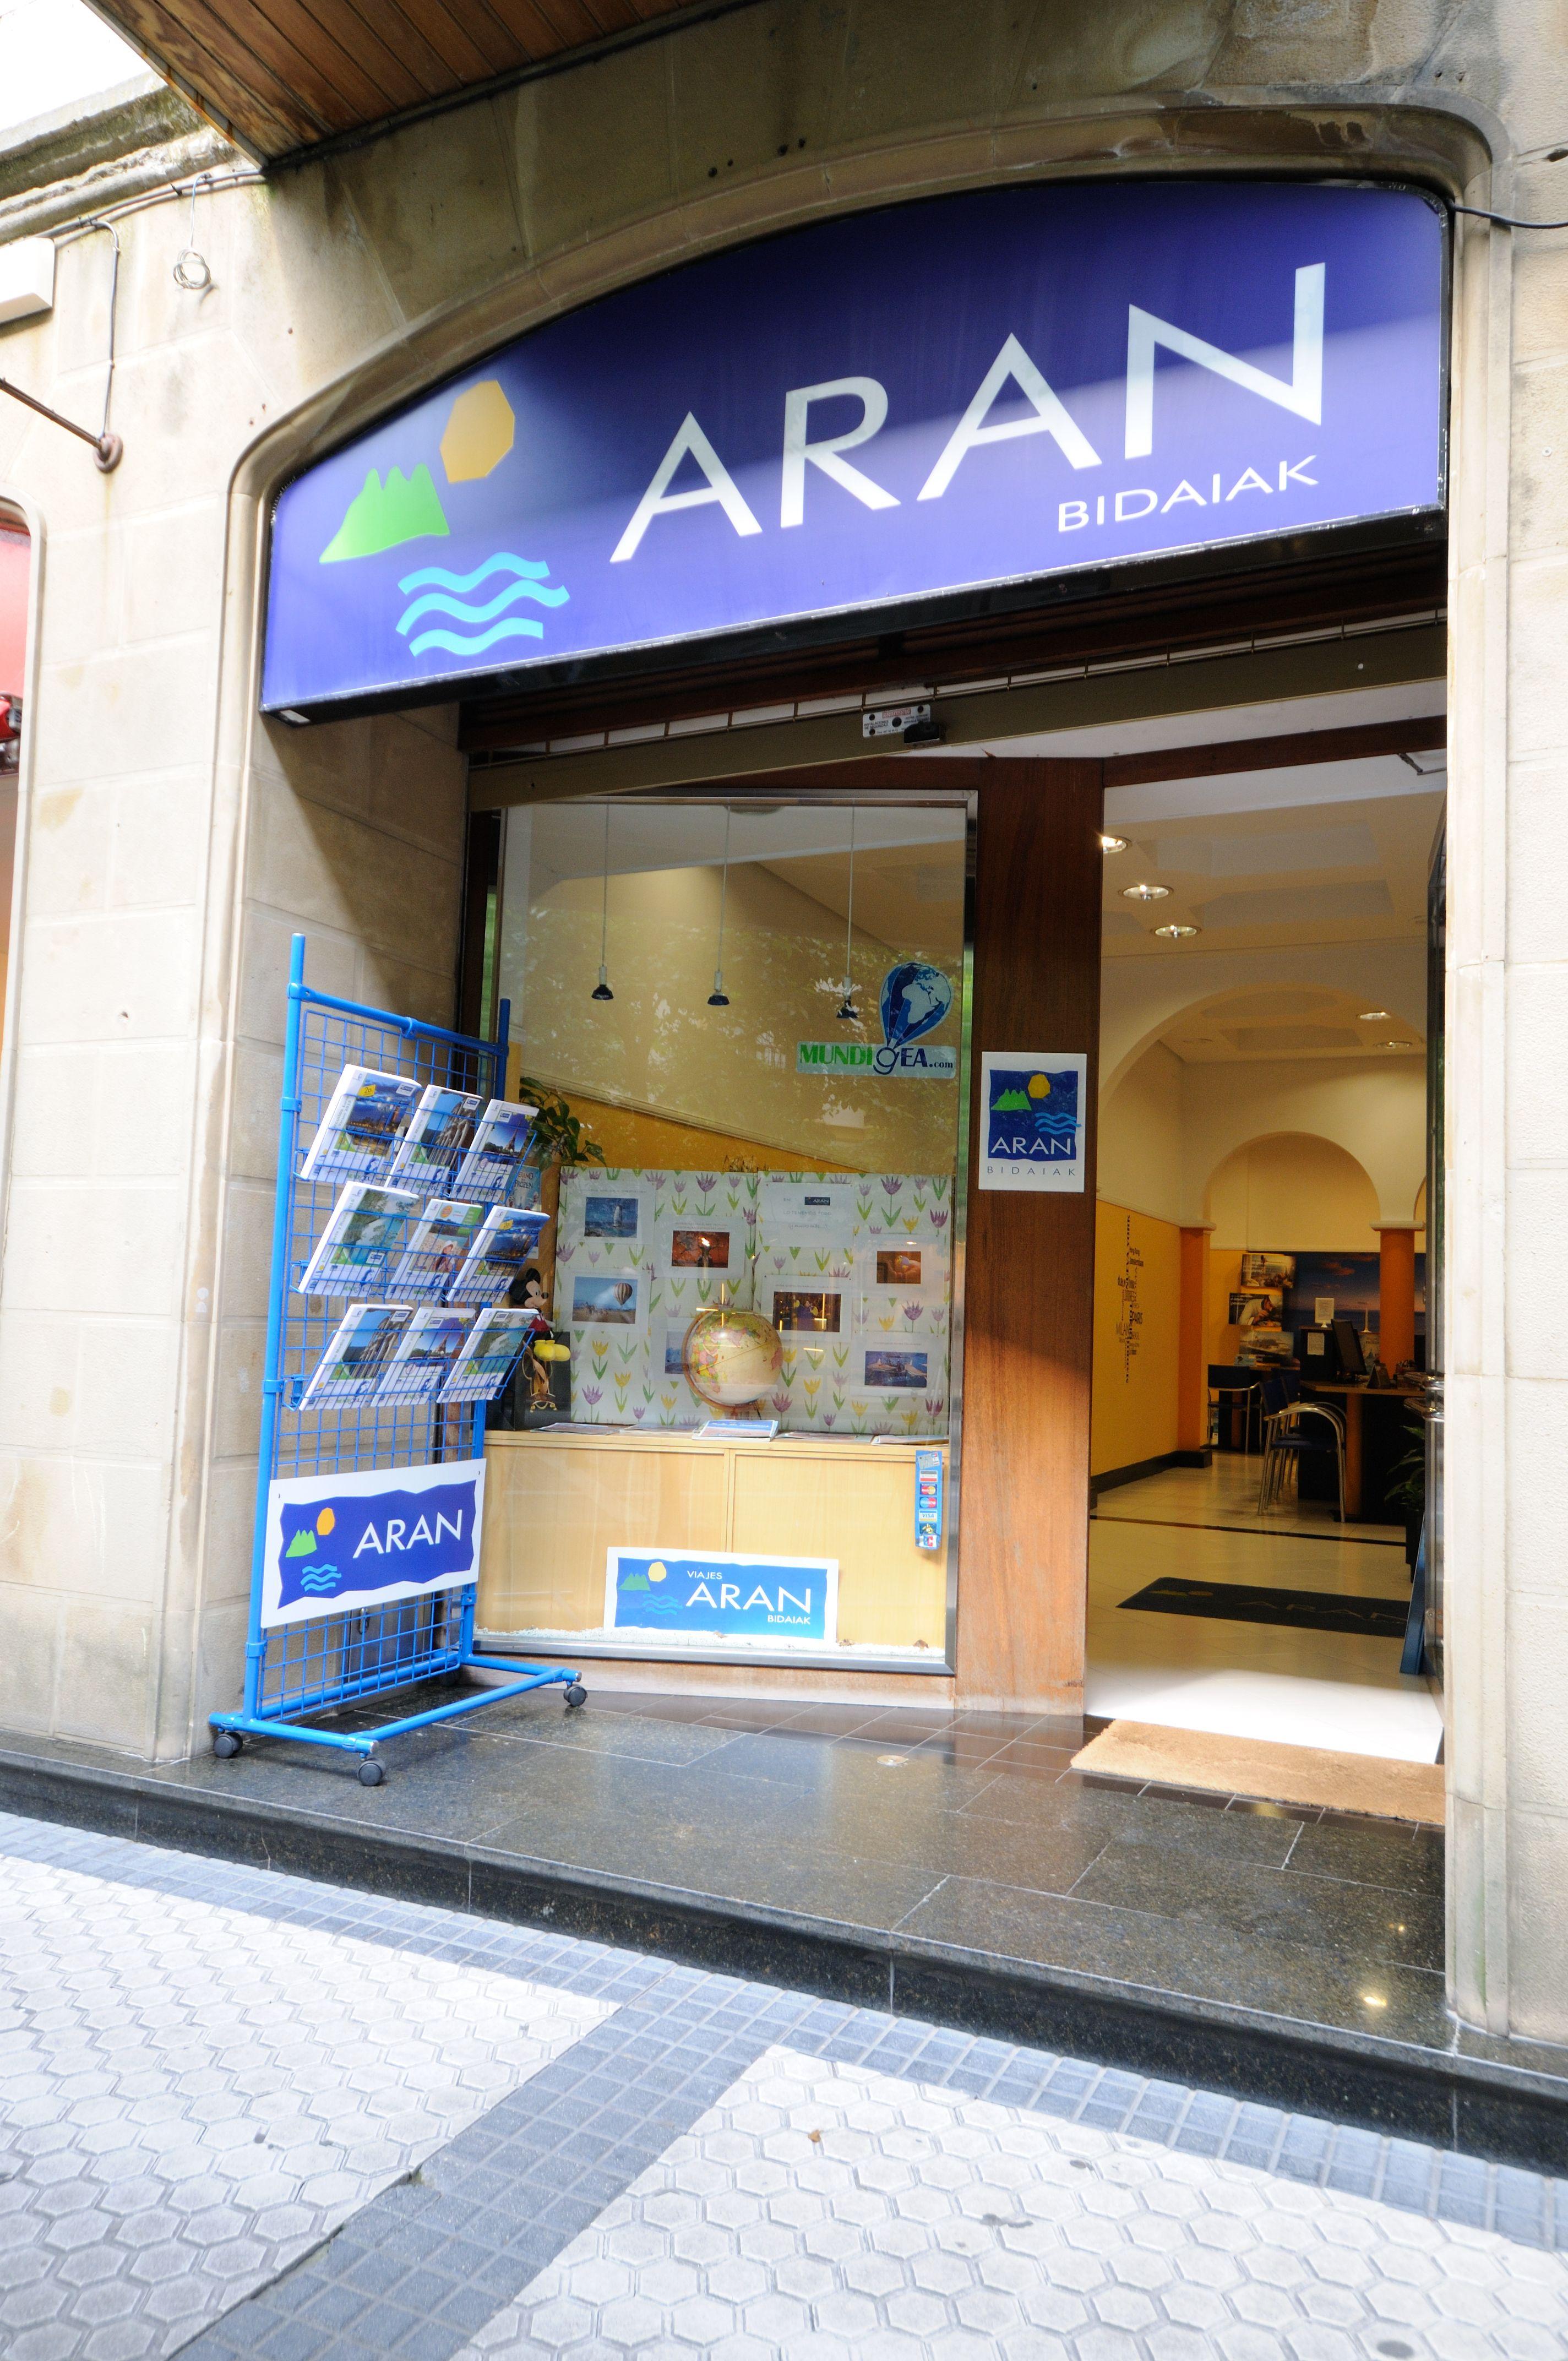 Foto 1 de Agencias de viajes en Donostia-San Sebastián | Aran Bidaiak